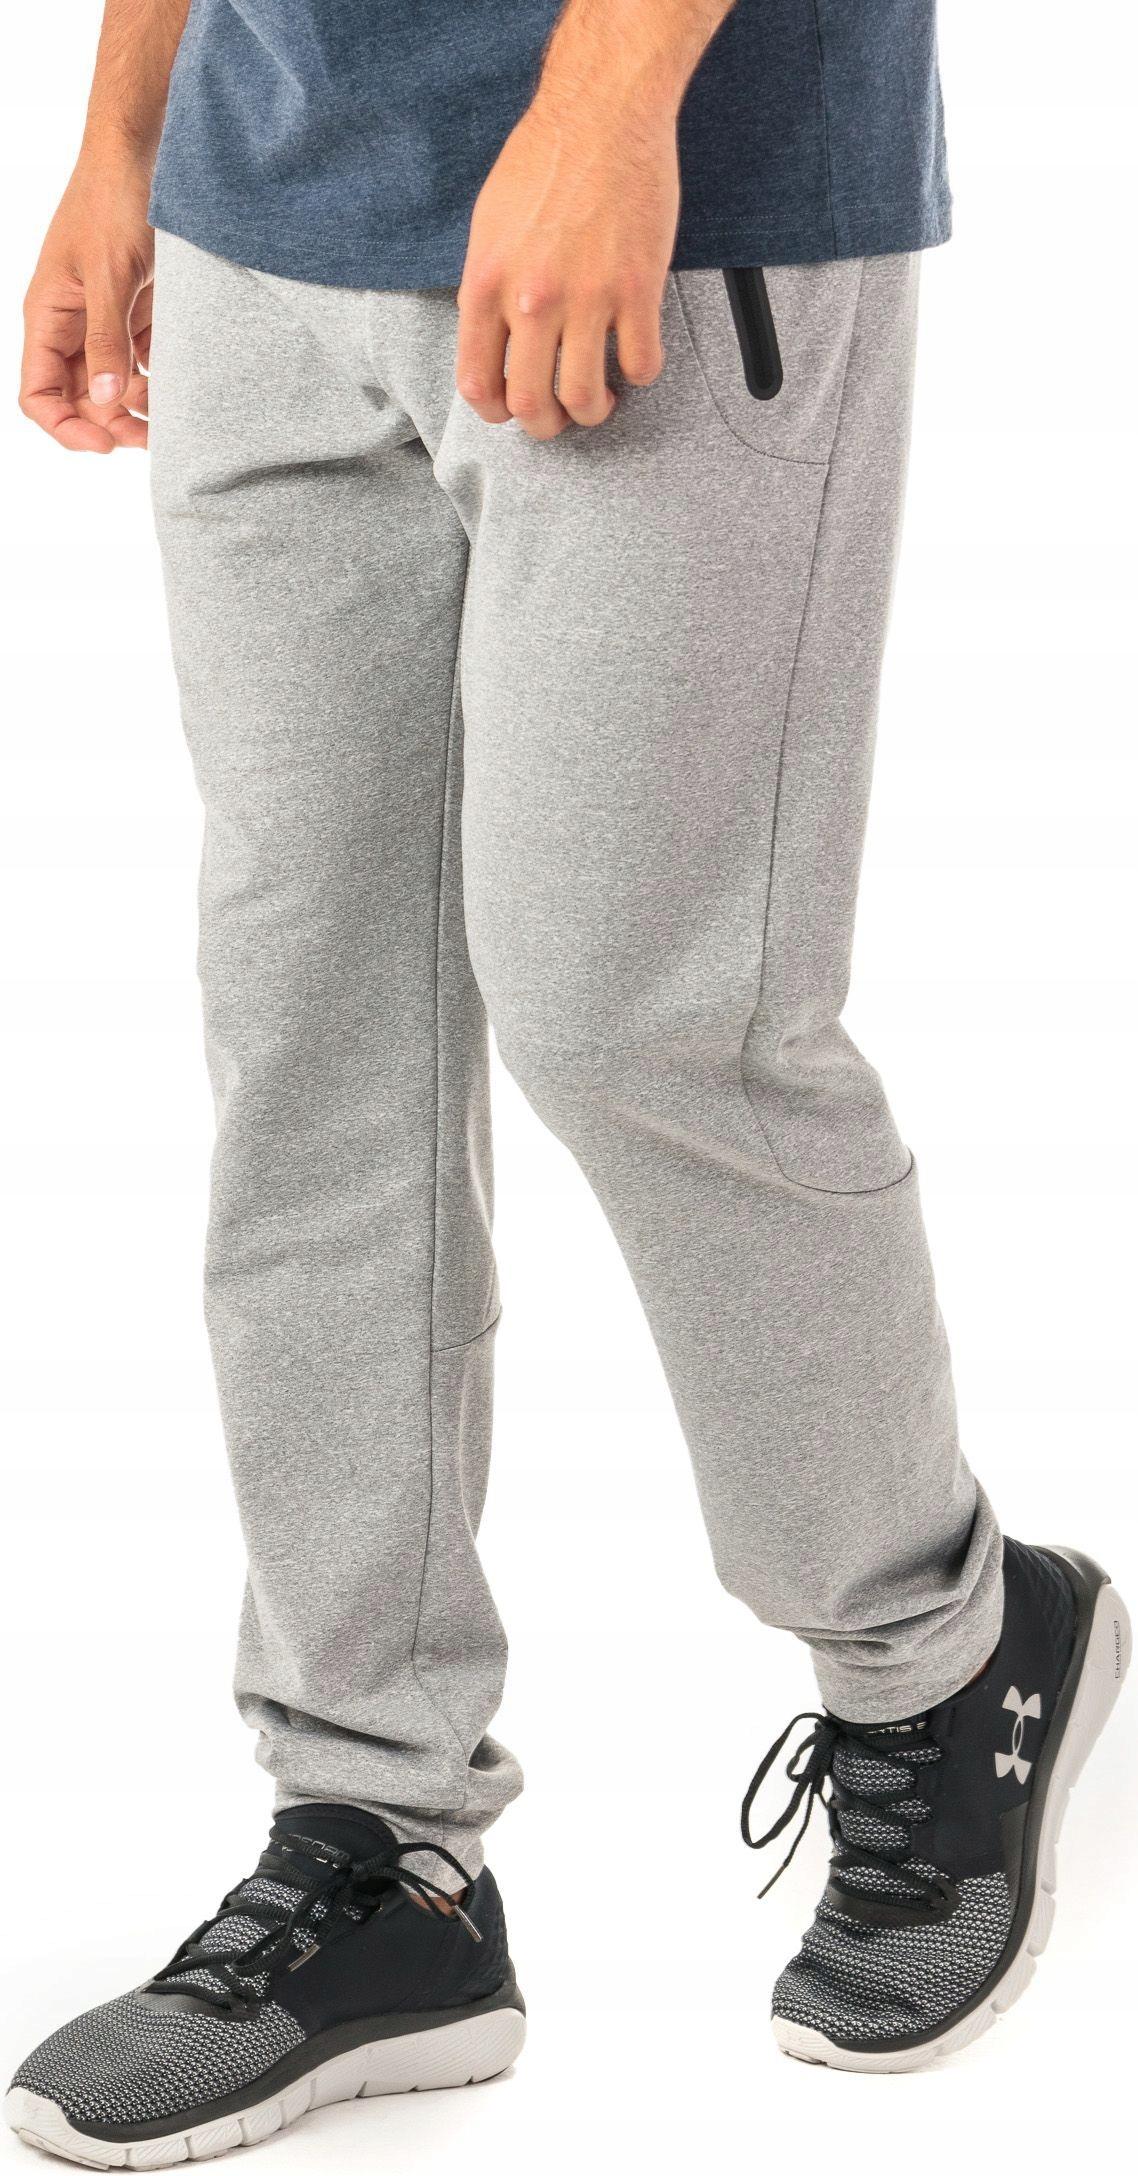 4f Spodnie męskie funkcyjne SPMTR001 r. XL